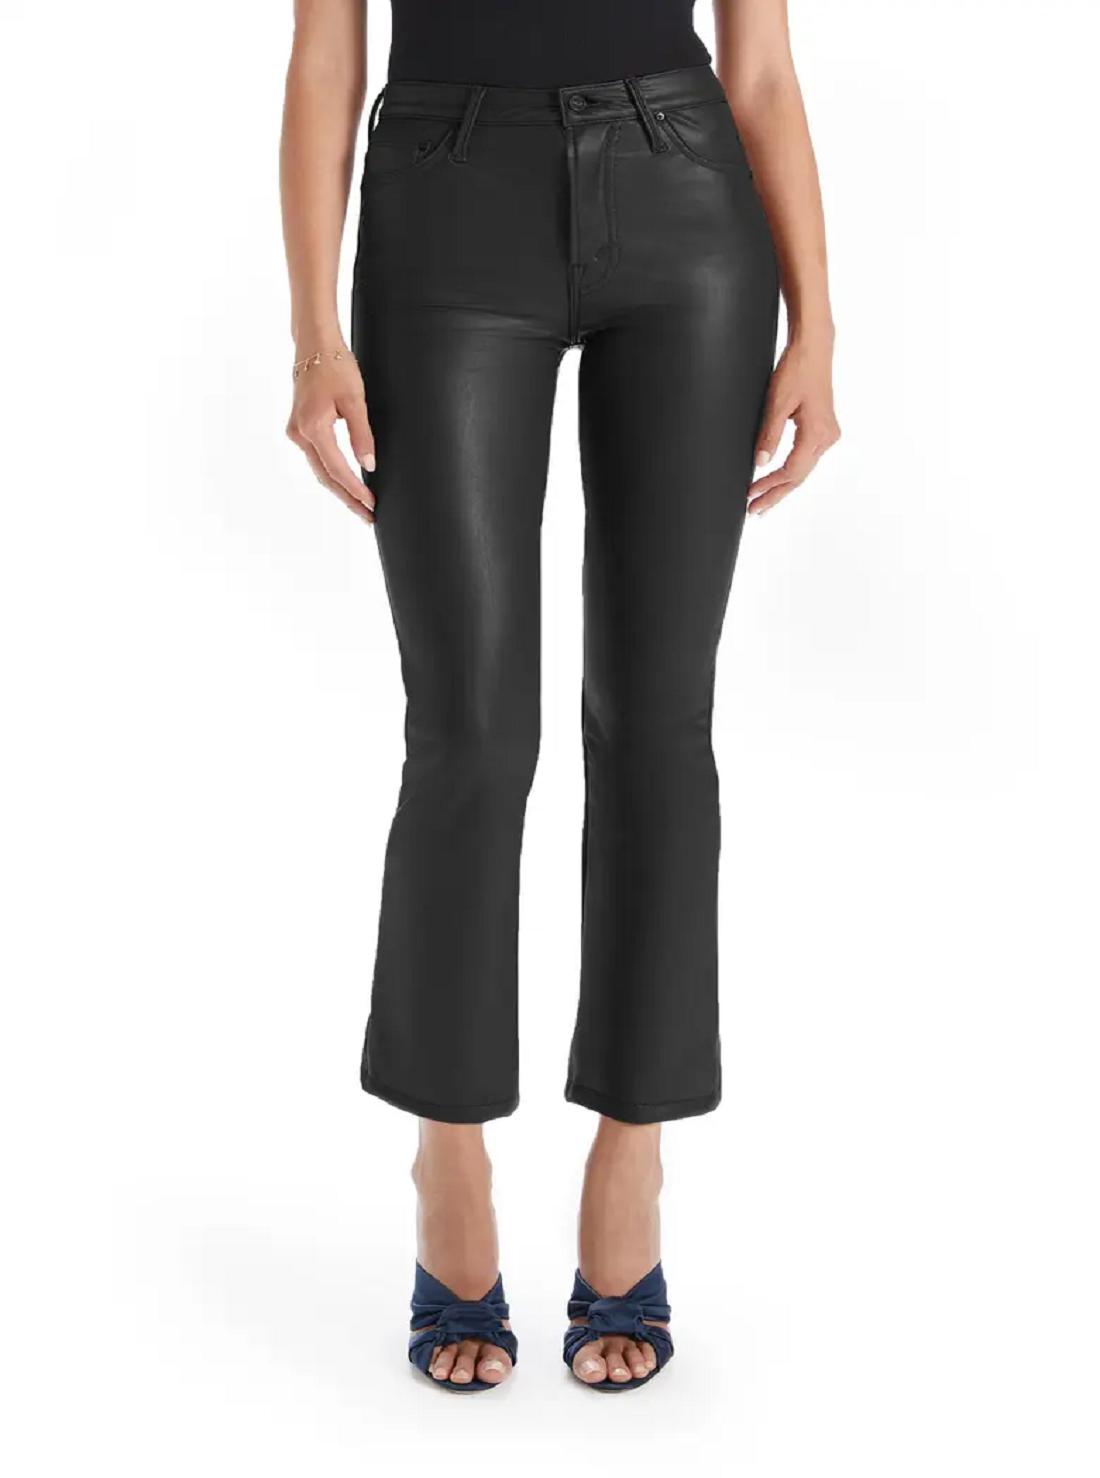 1 Wholesale High Waist Faux Leather Pants